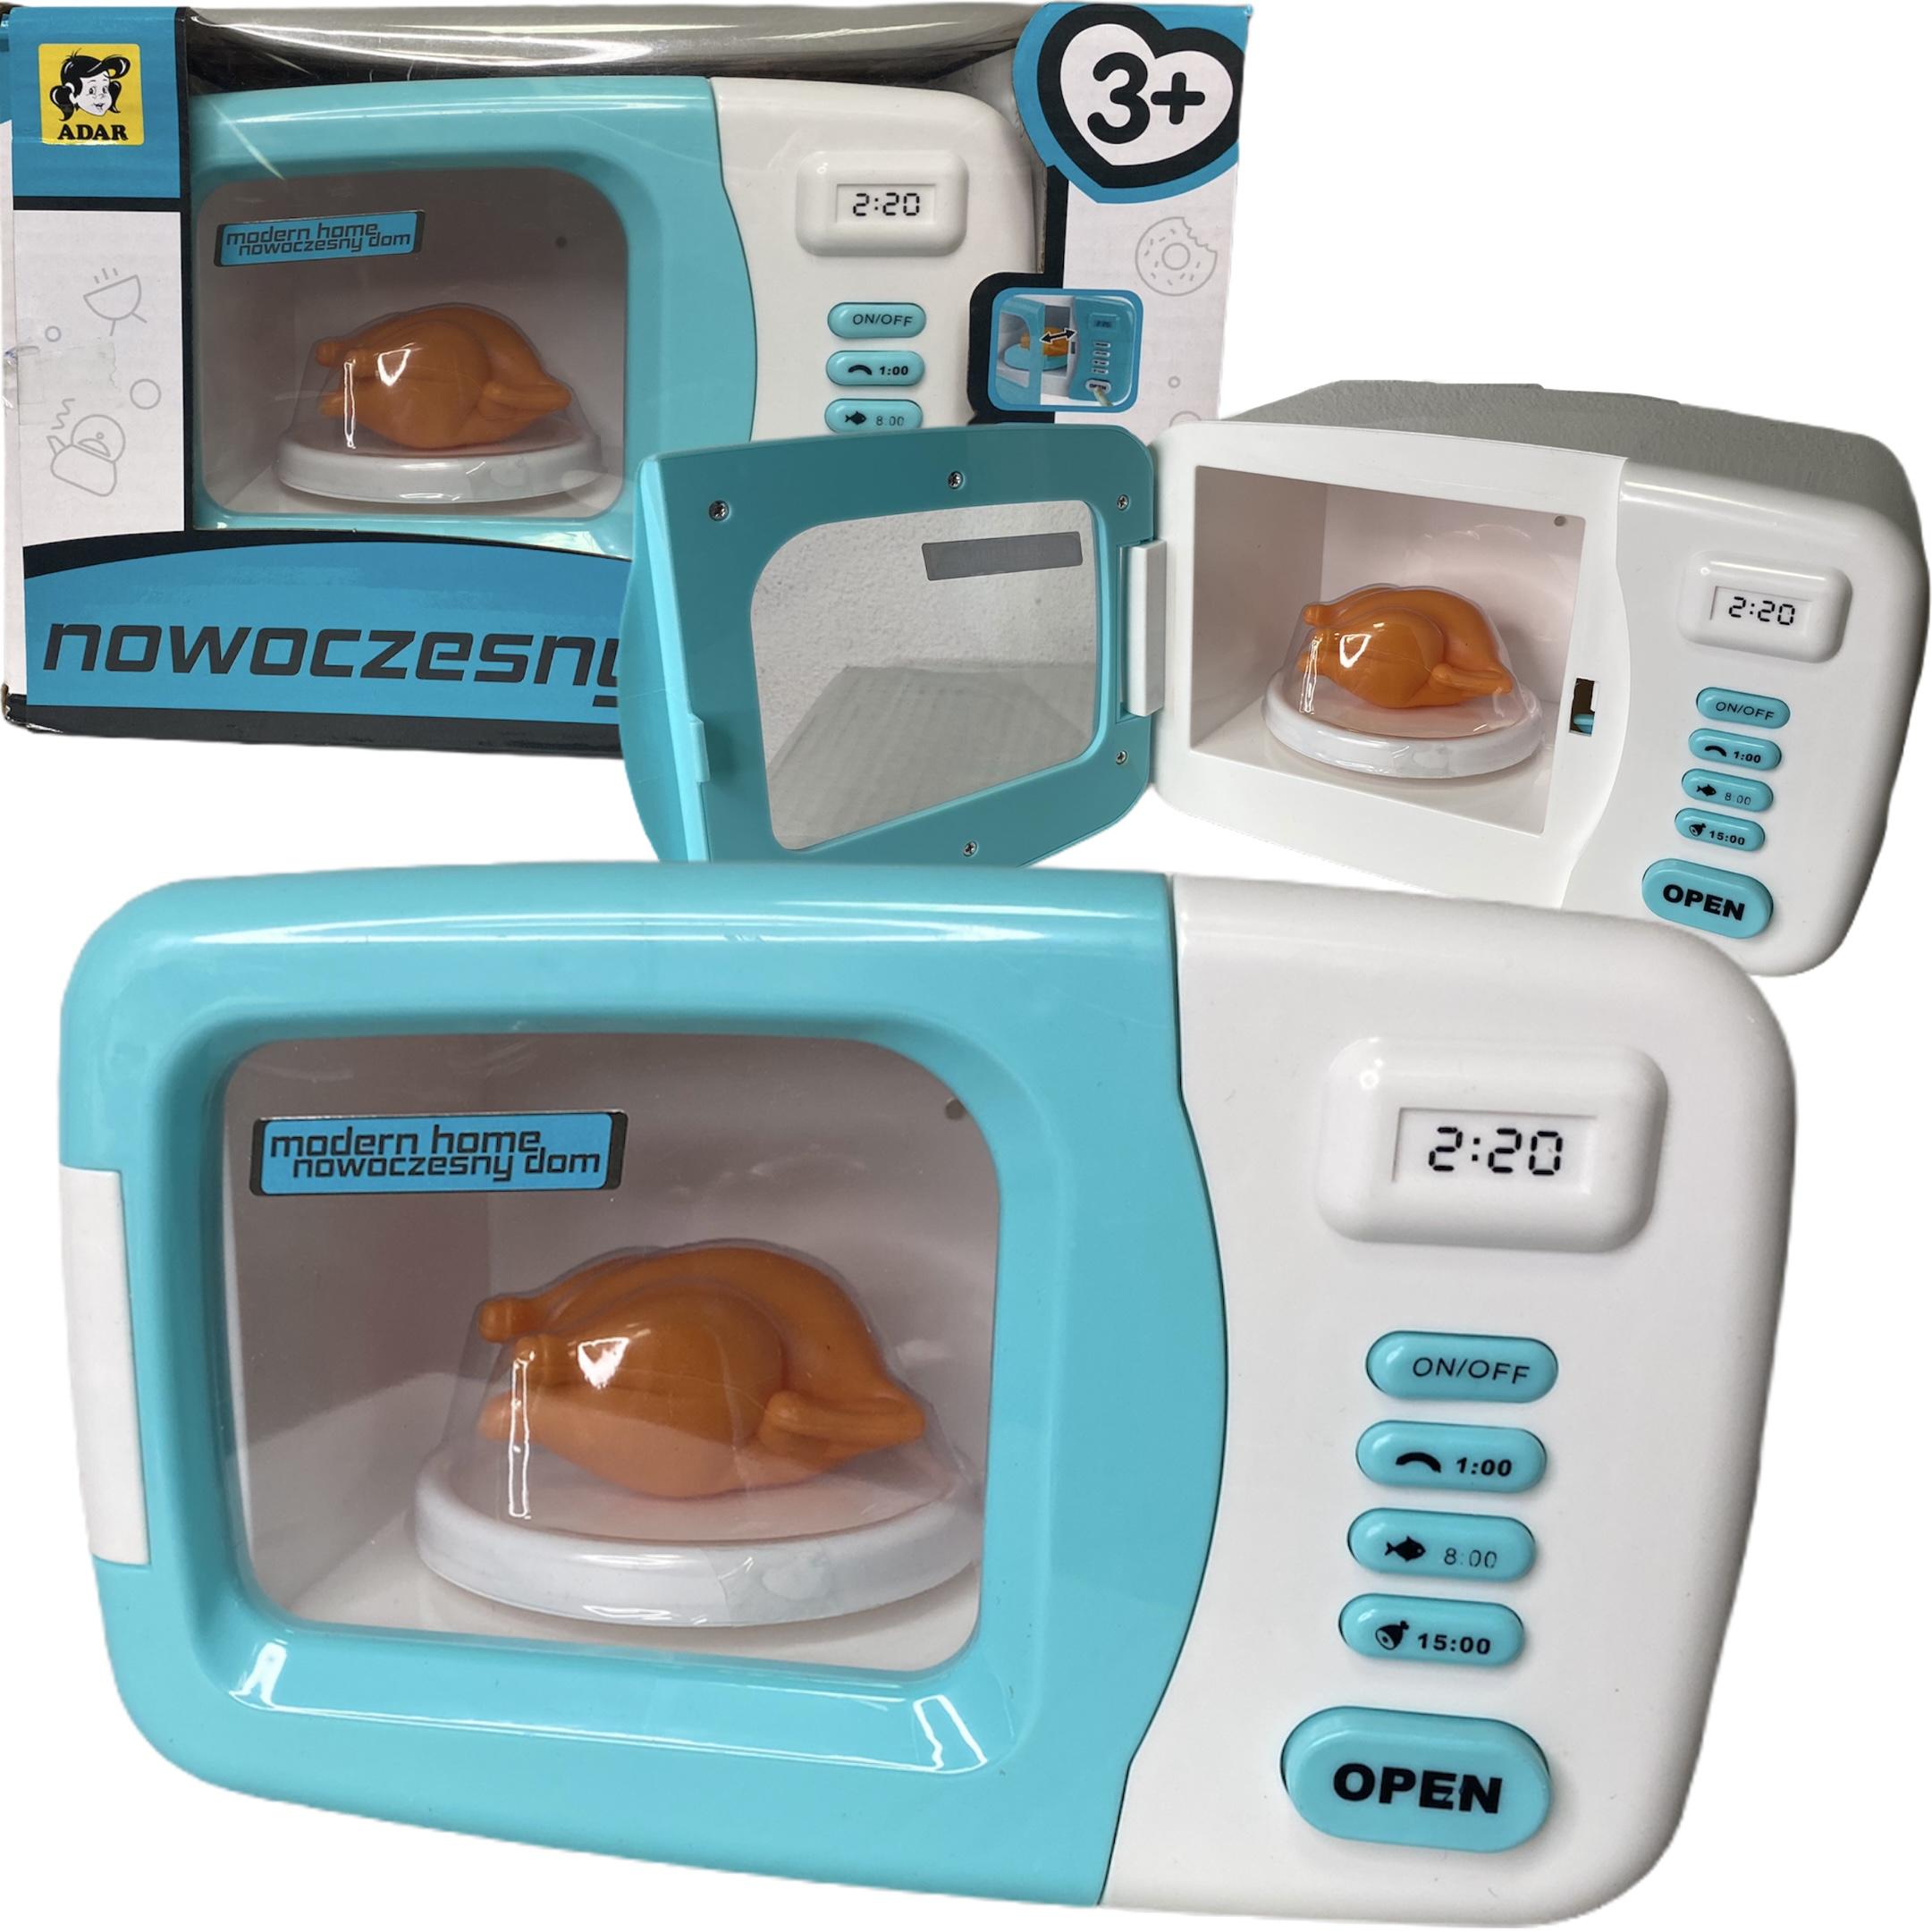 mikrofalówka dla dzieci kuchnia mikrofala zabawkowa interaktywna